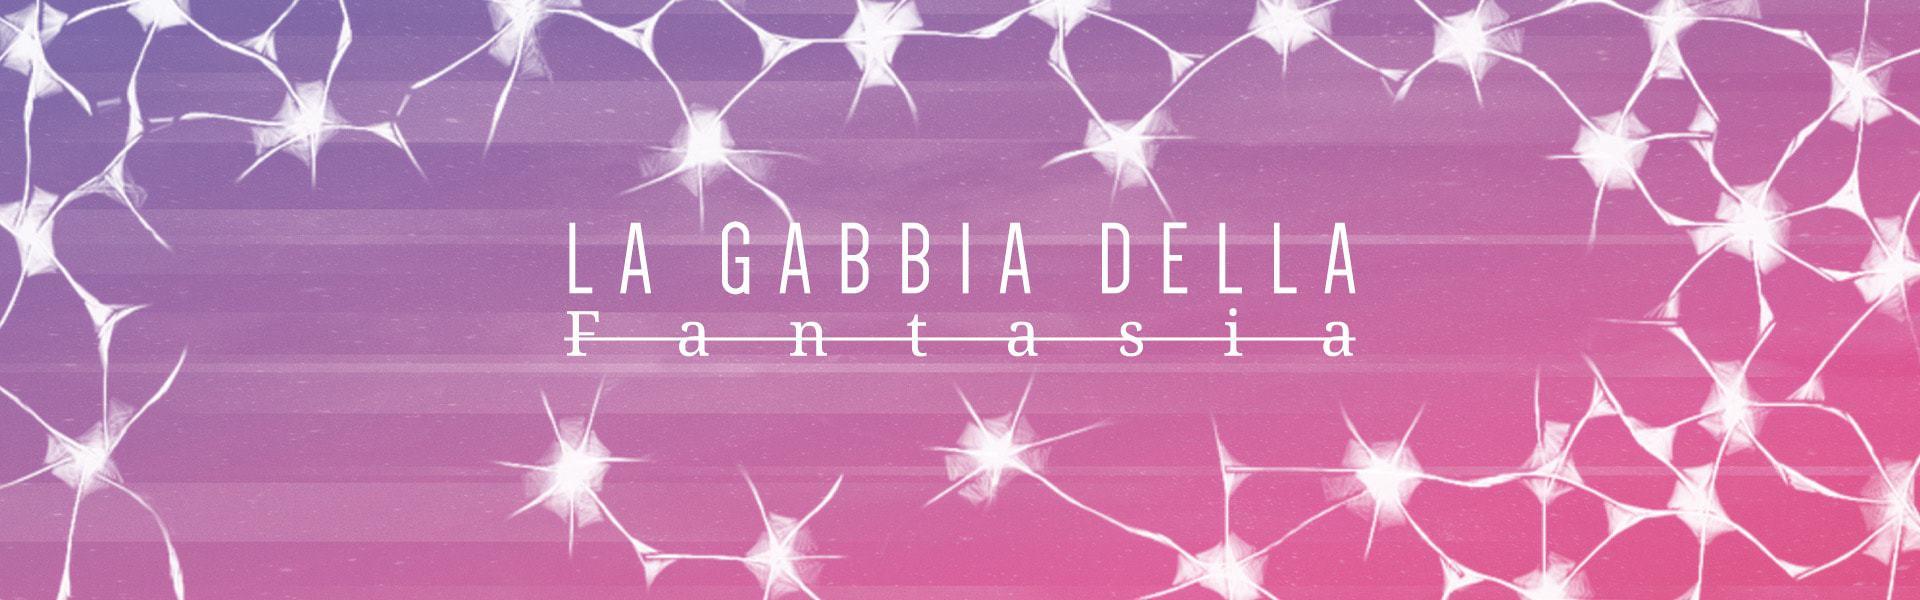 La Gabbia della Fantasia / Artisti in Piazza / Pennabilli Festival 2018